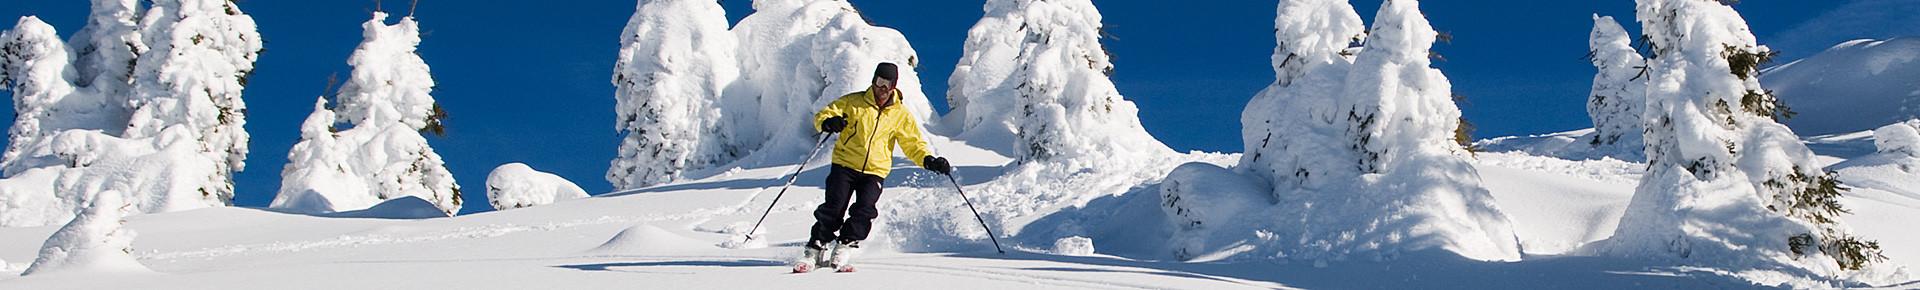 Snow report Roc d'Enfer, Montriond/Avoriaz